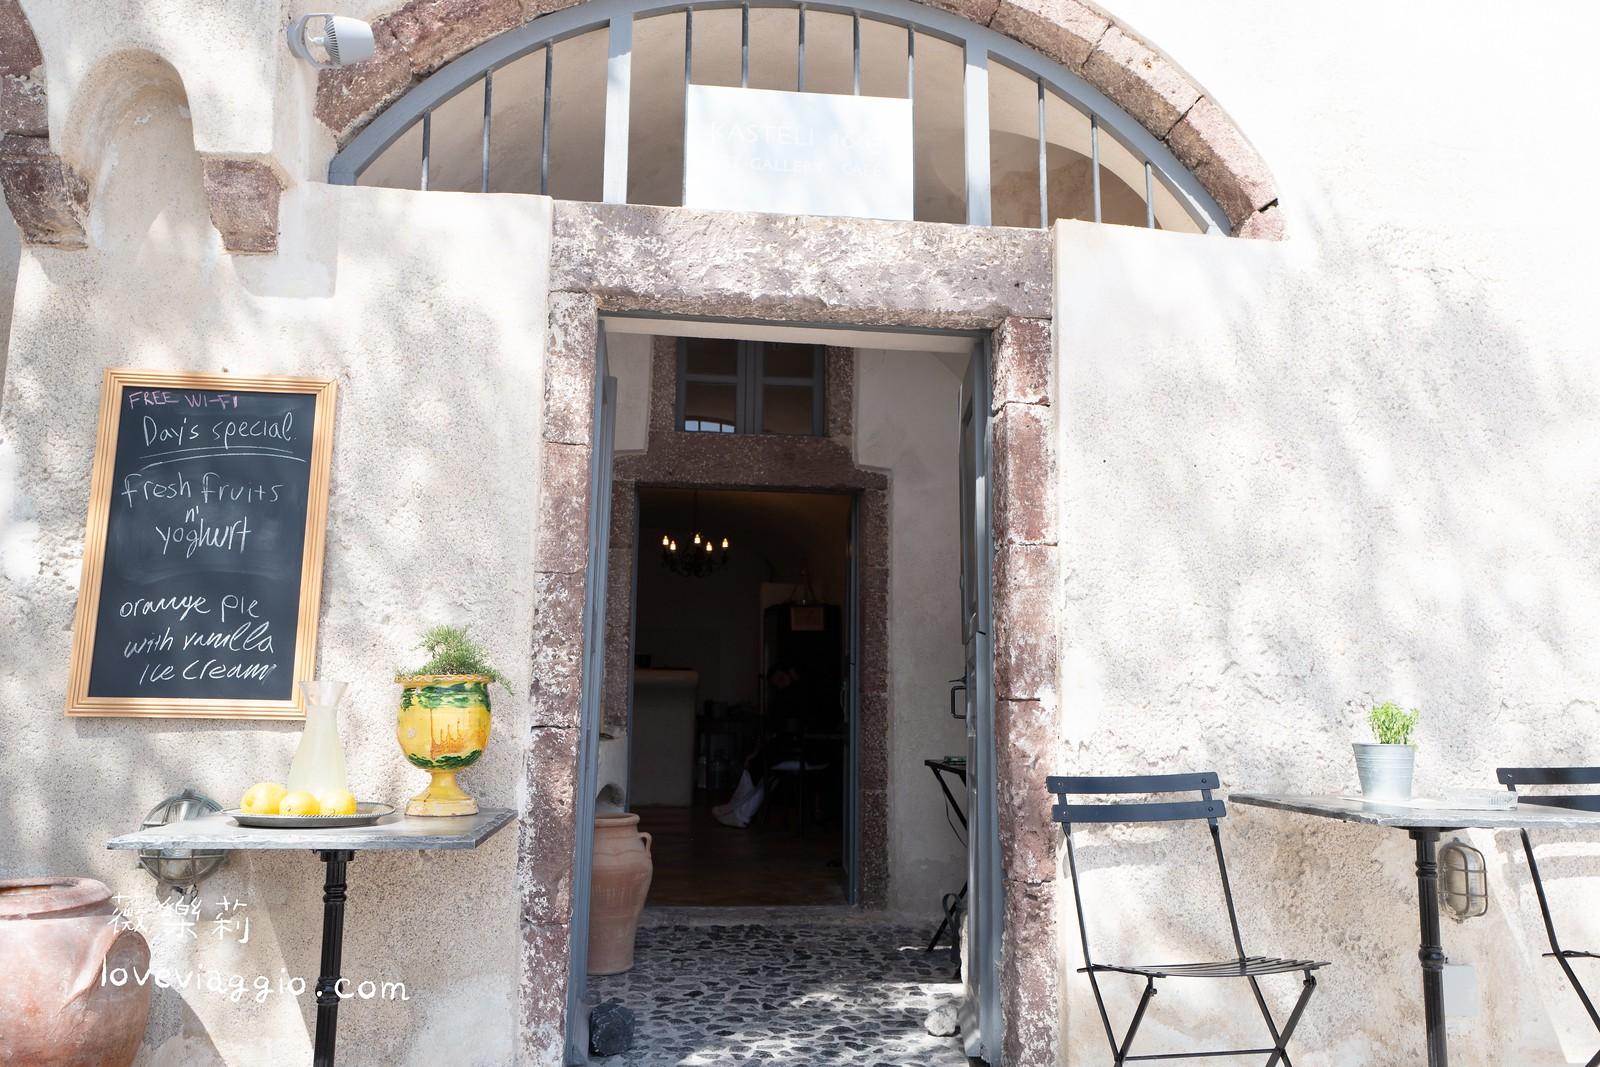 【聖托里尼Santorini】租車自駕環島 慢遊皮爾戈斯 Pyrgos 寧靜白色小鎮 @薇樂莉 Love Viaggio | 旅行.生活.攝影